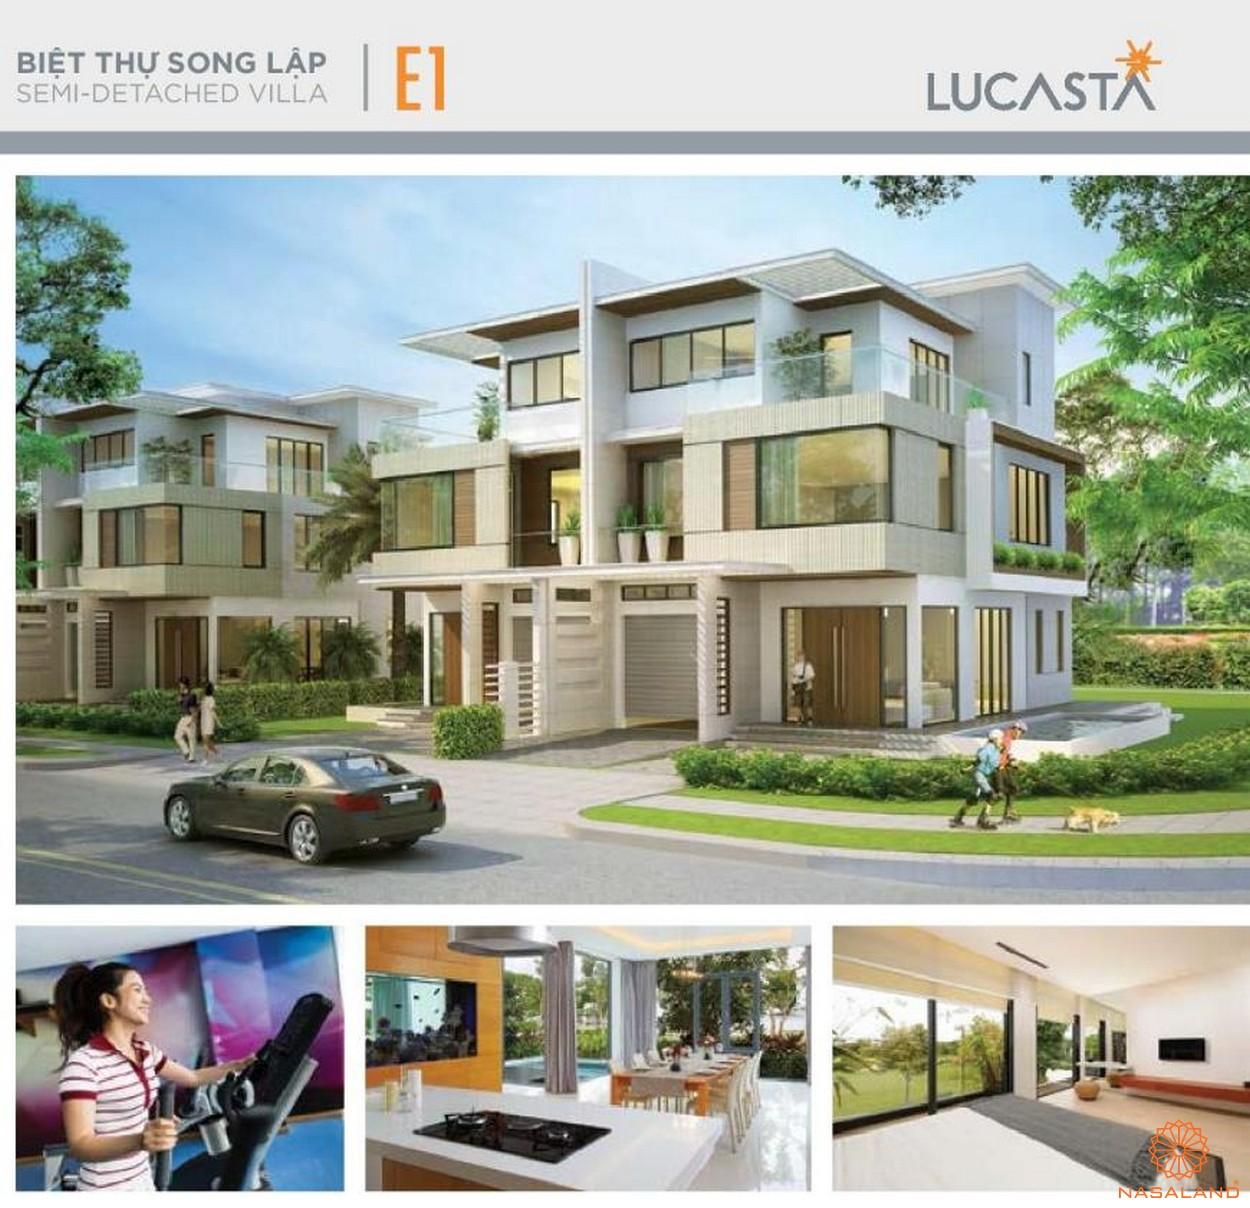 Nhà mẫu biệt thự song lập E1 tại dự án biệt thự Lucasta quận 9